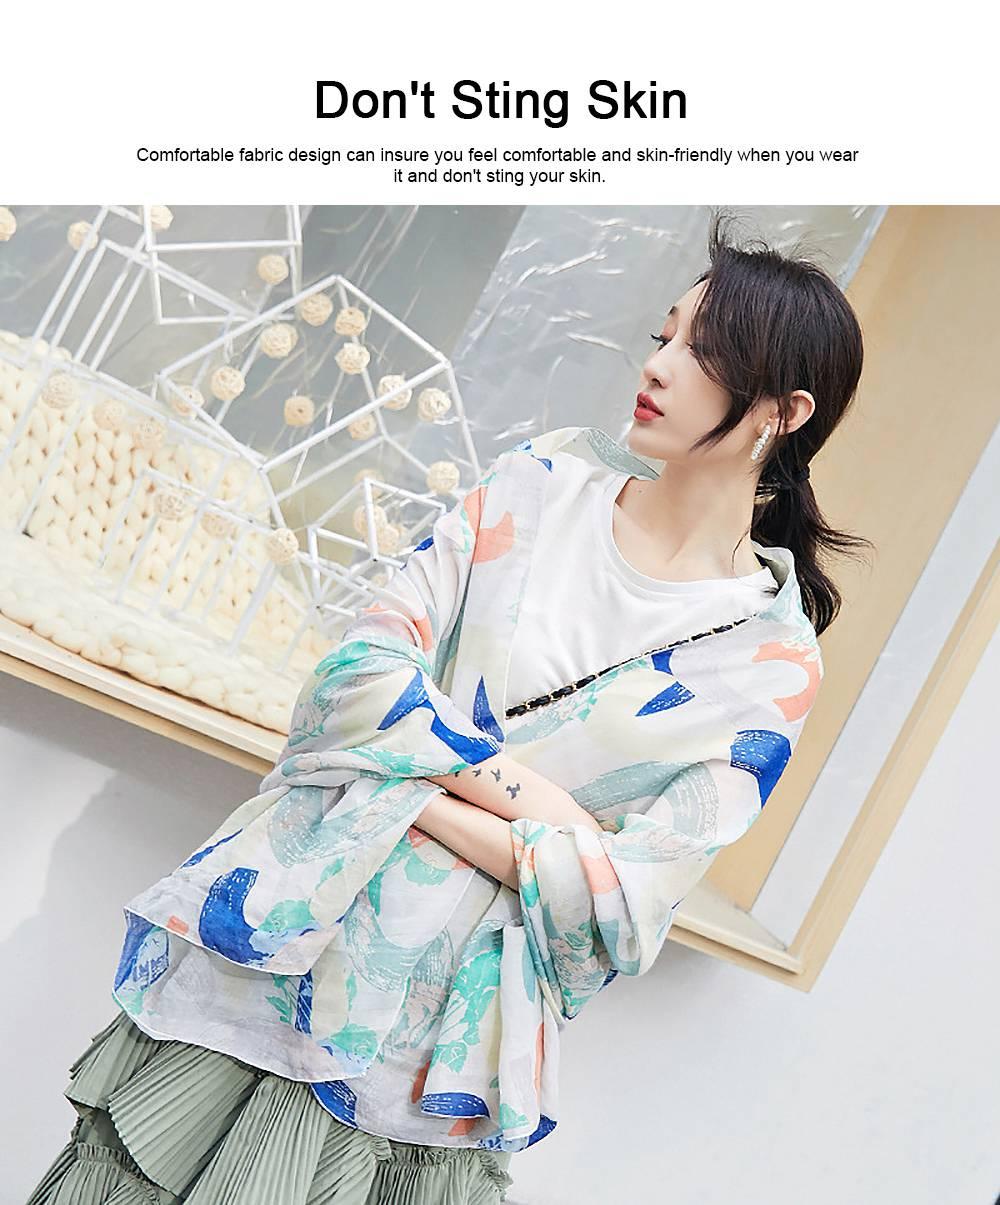 Korean Cotton Scarf for Women, Graffiti Pattern Larger Size Shawl, Multi-function Wide Range Printing Scarf 2